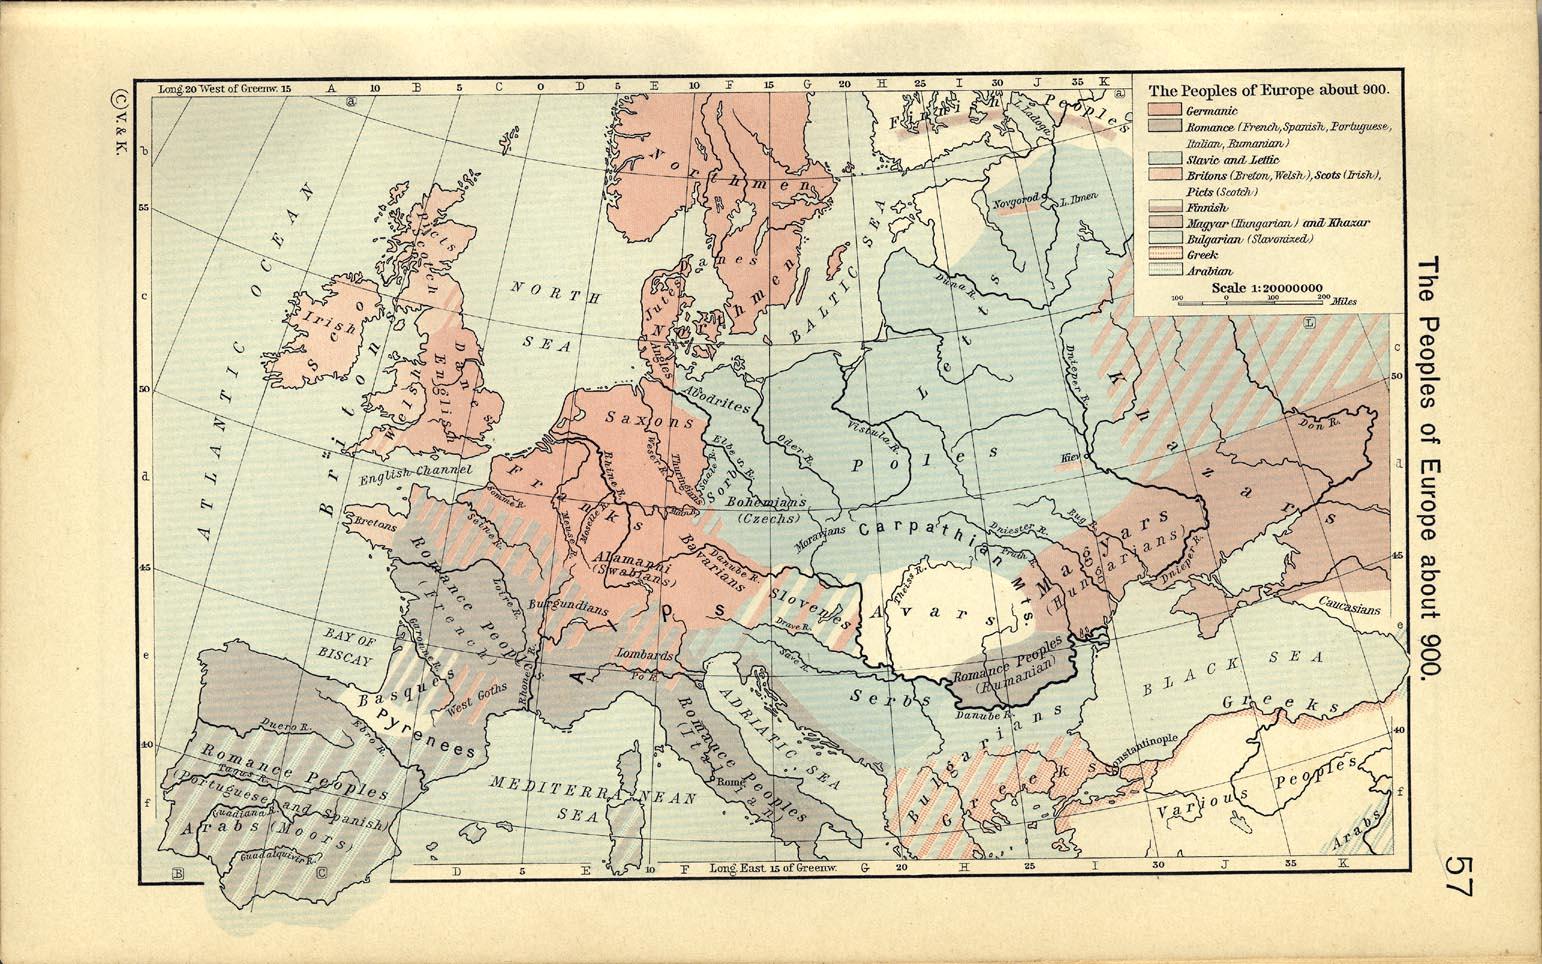 Pueblos de Europa circa 900